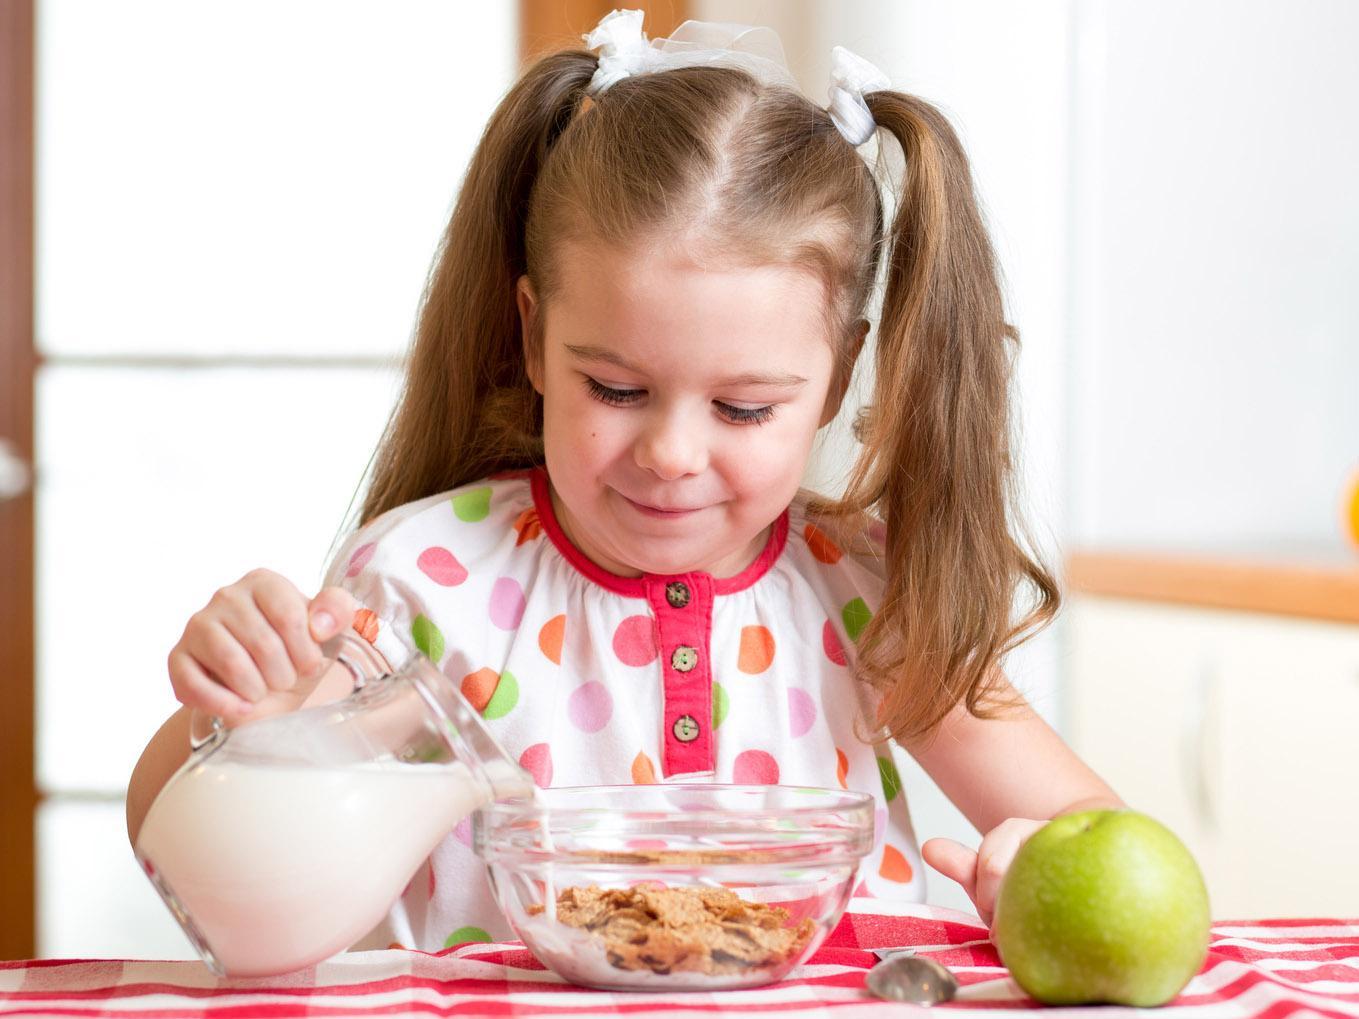 Très Quali cibi per il bambino di 4 anni - Bimbi Sani e Belli PW48